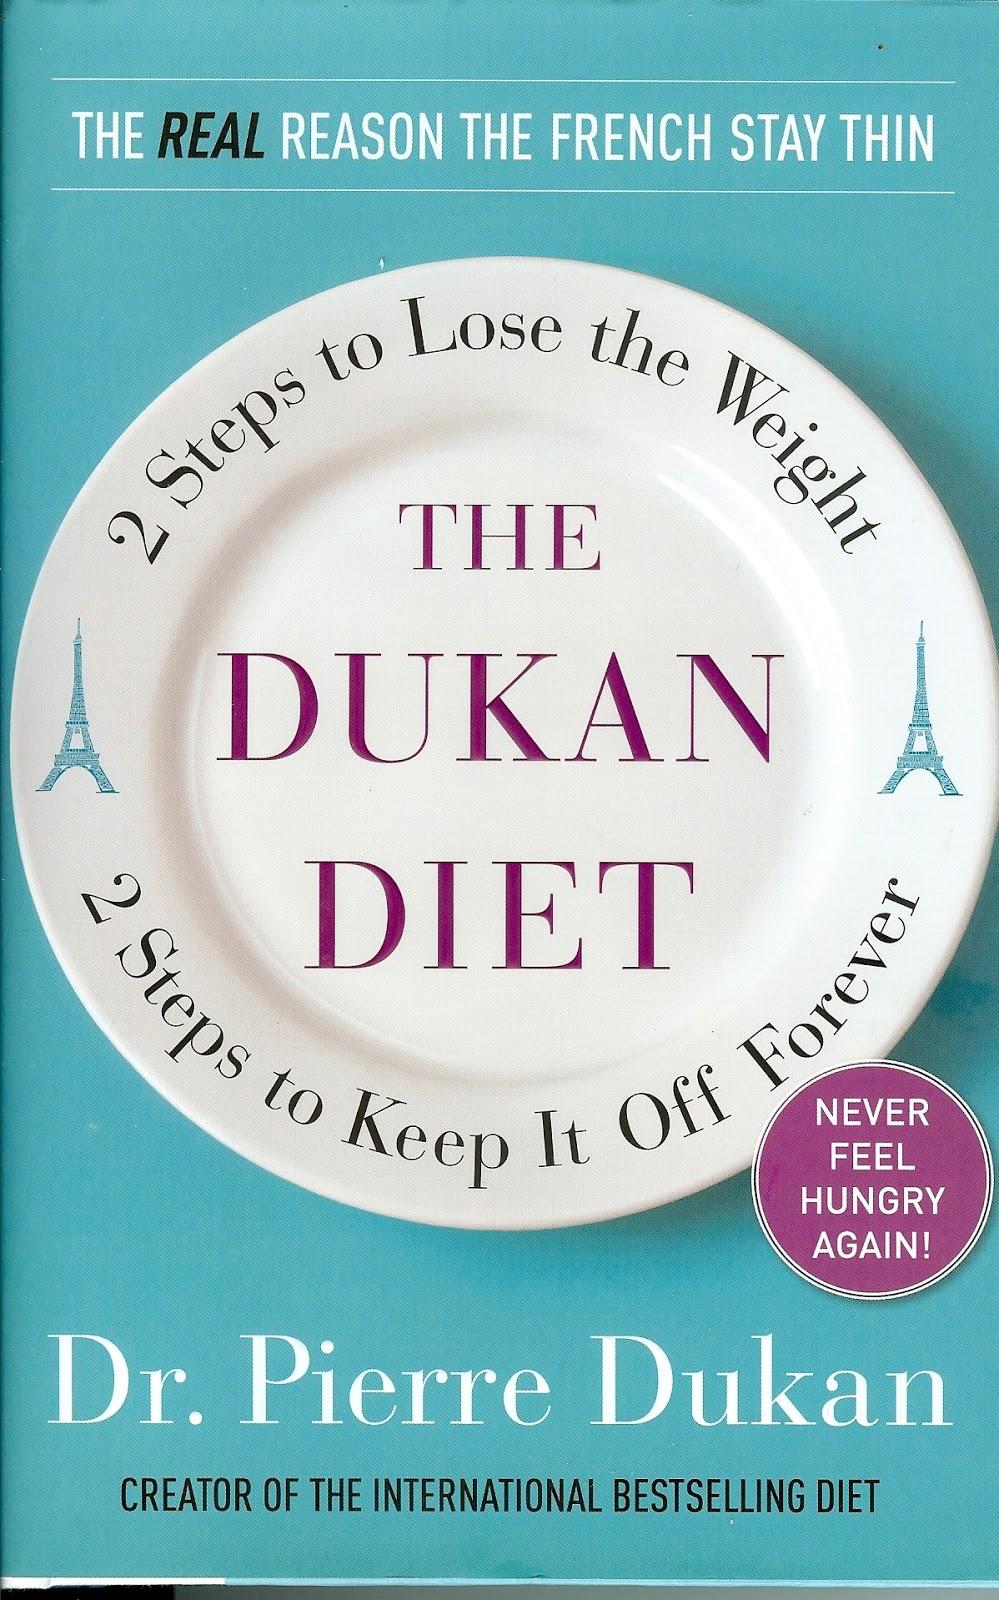 Diukan diet